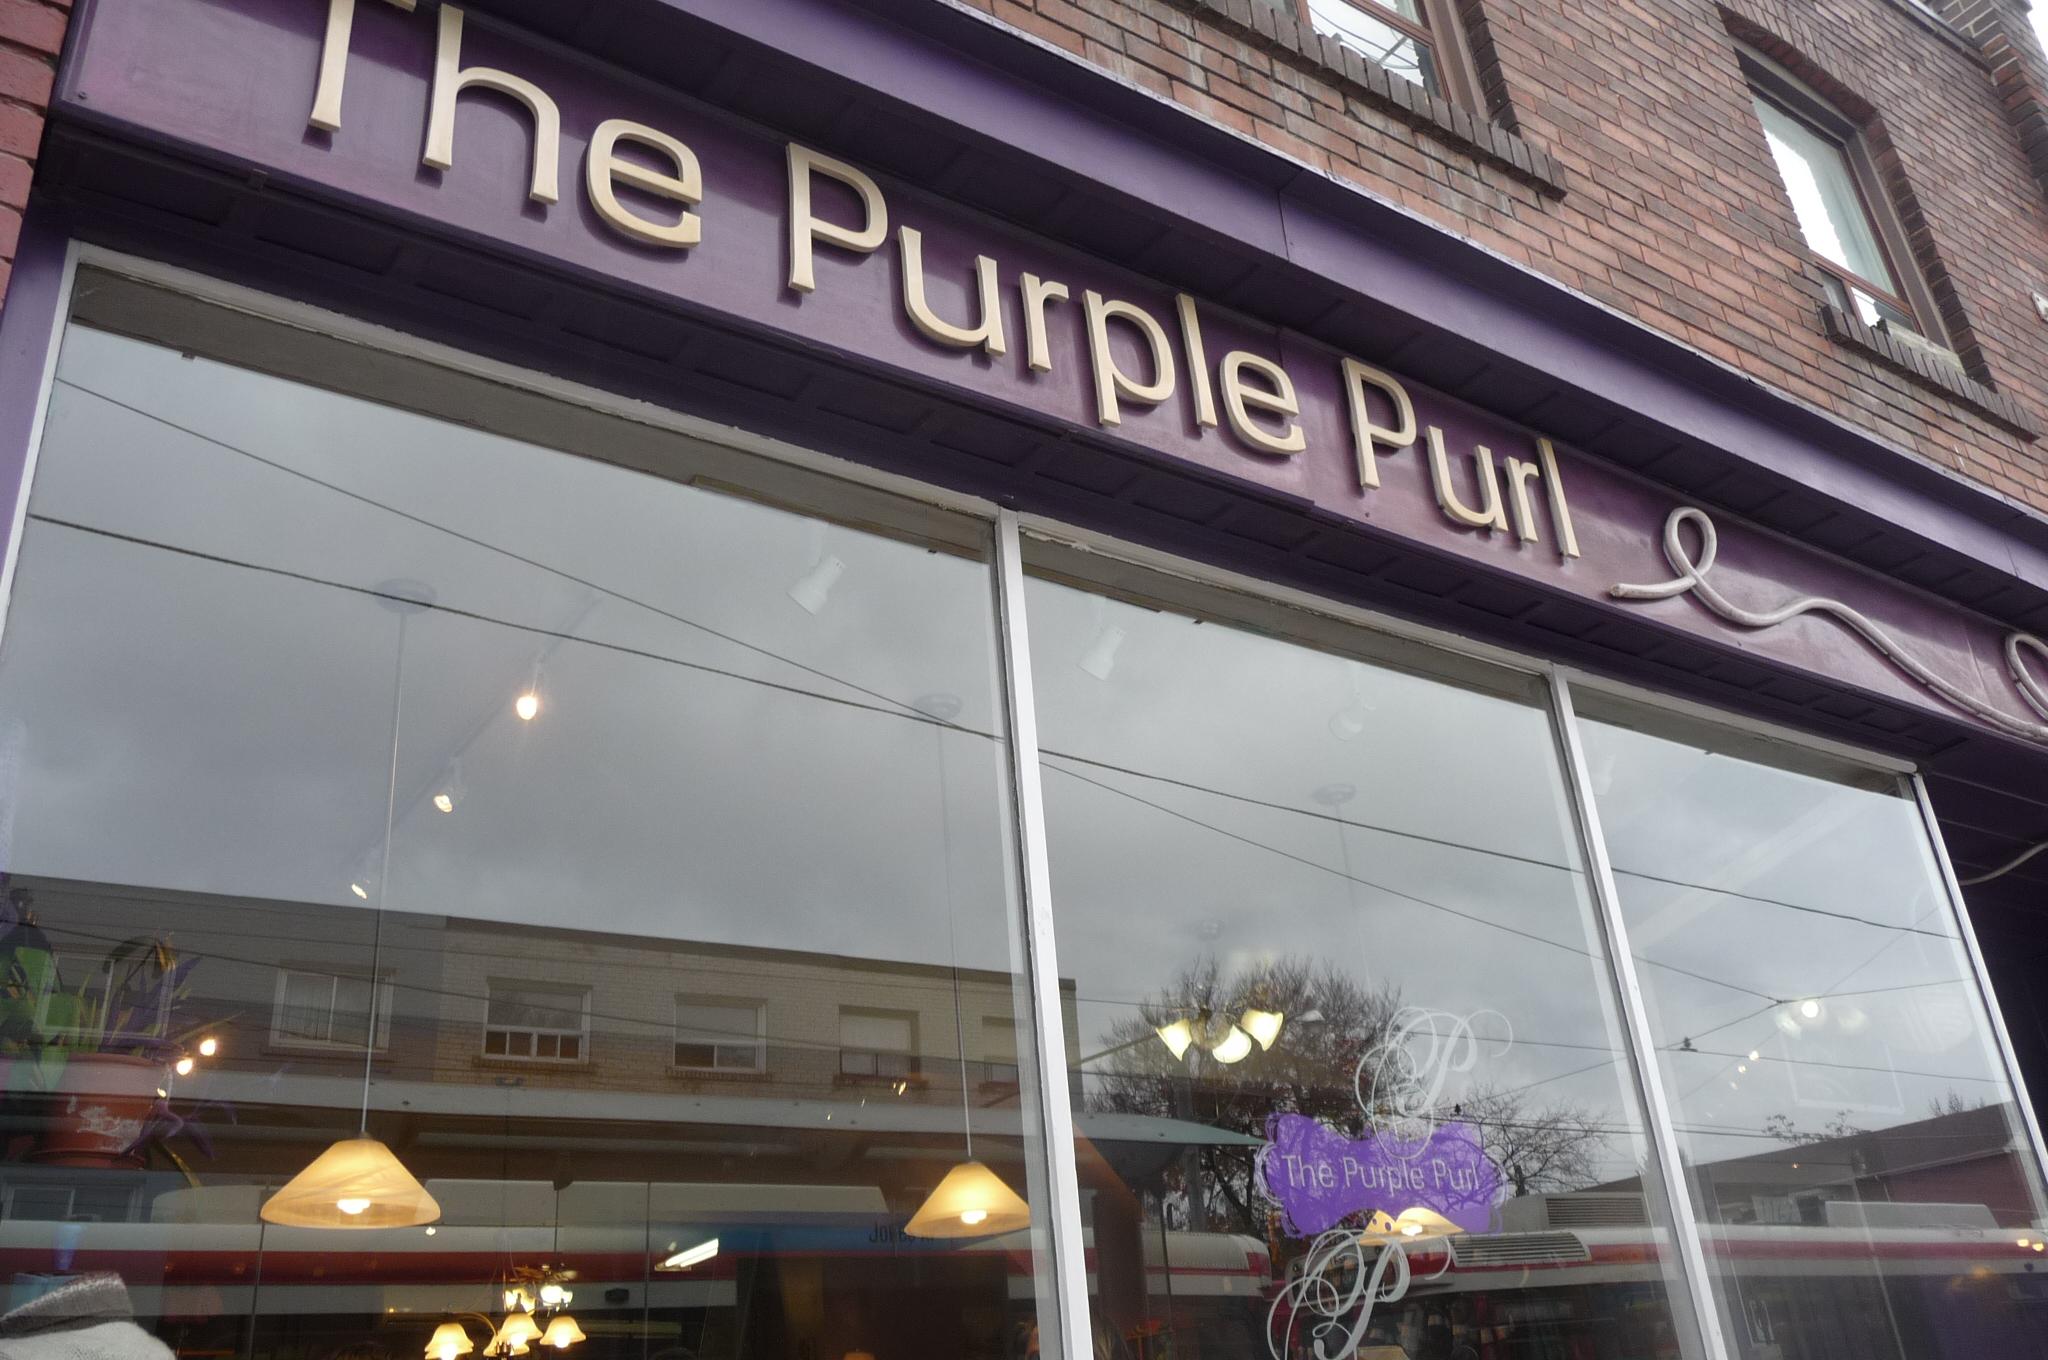 The purple purl